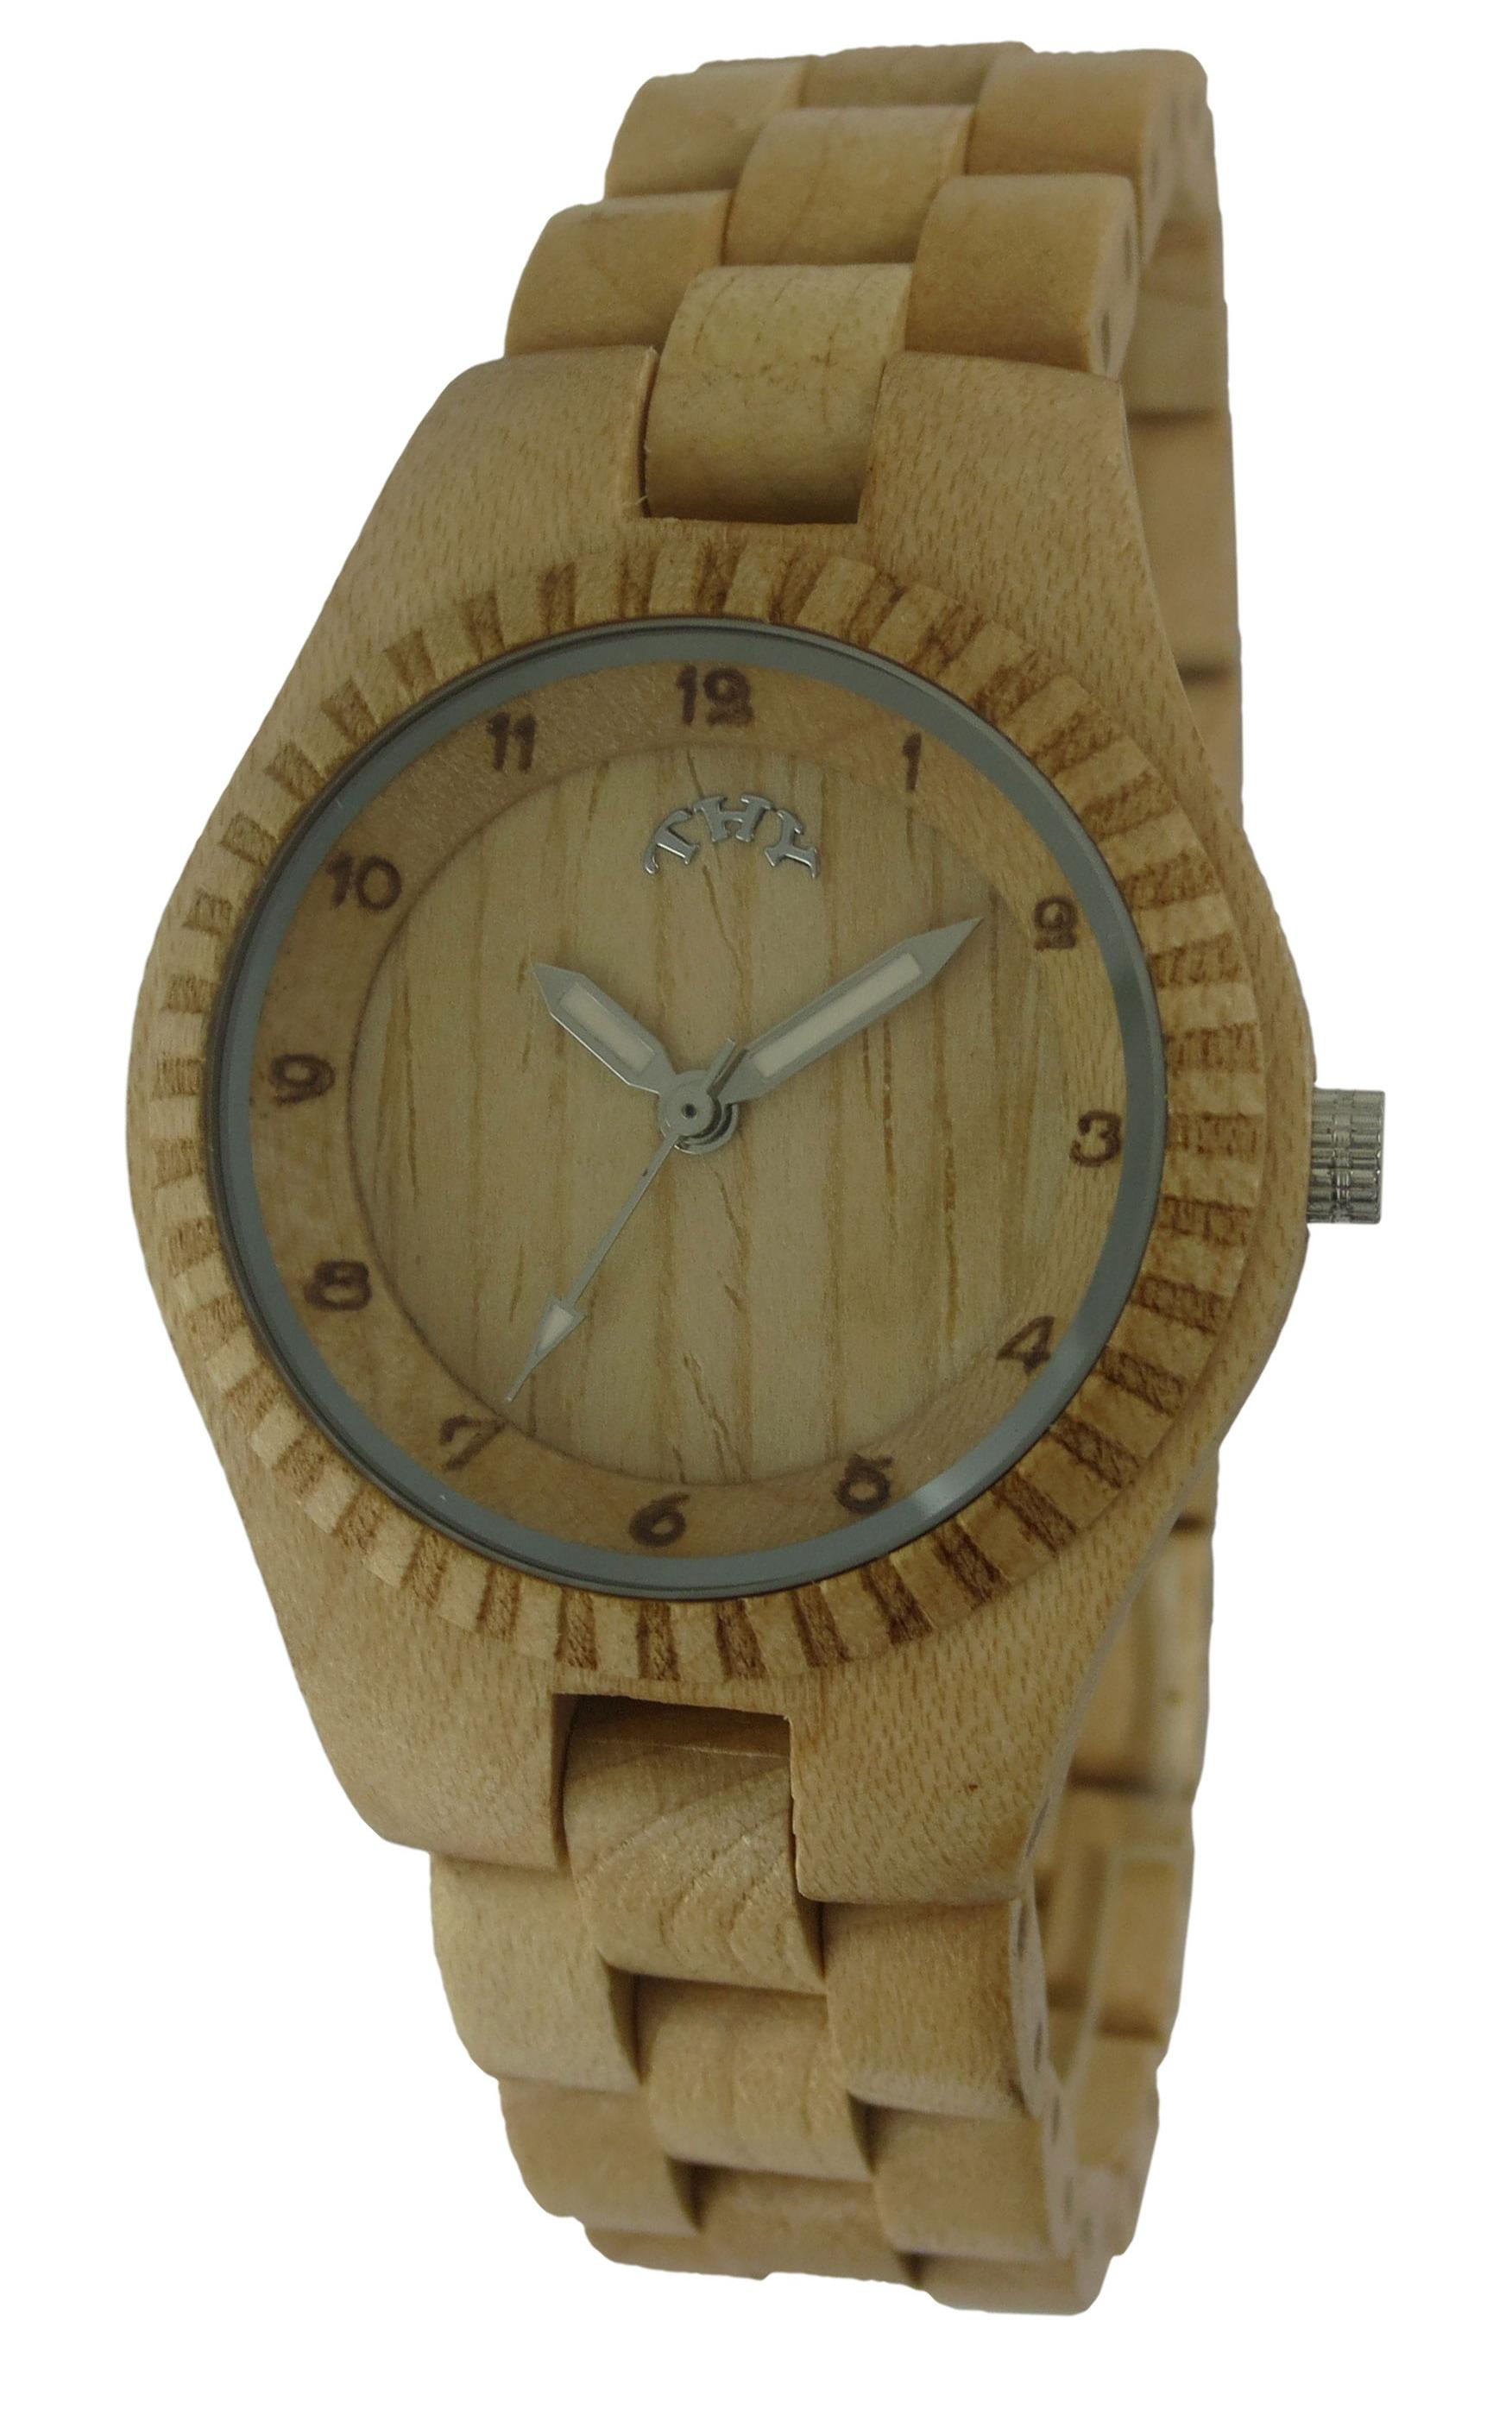 Replique Jaune Jaune cadran rond Montres en bois de la femme avec 30 mm Taille W00010